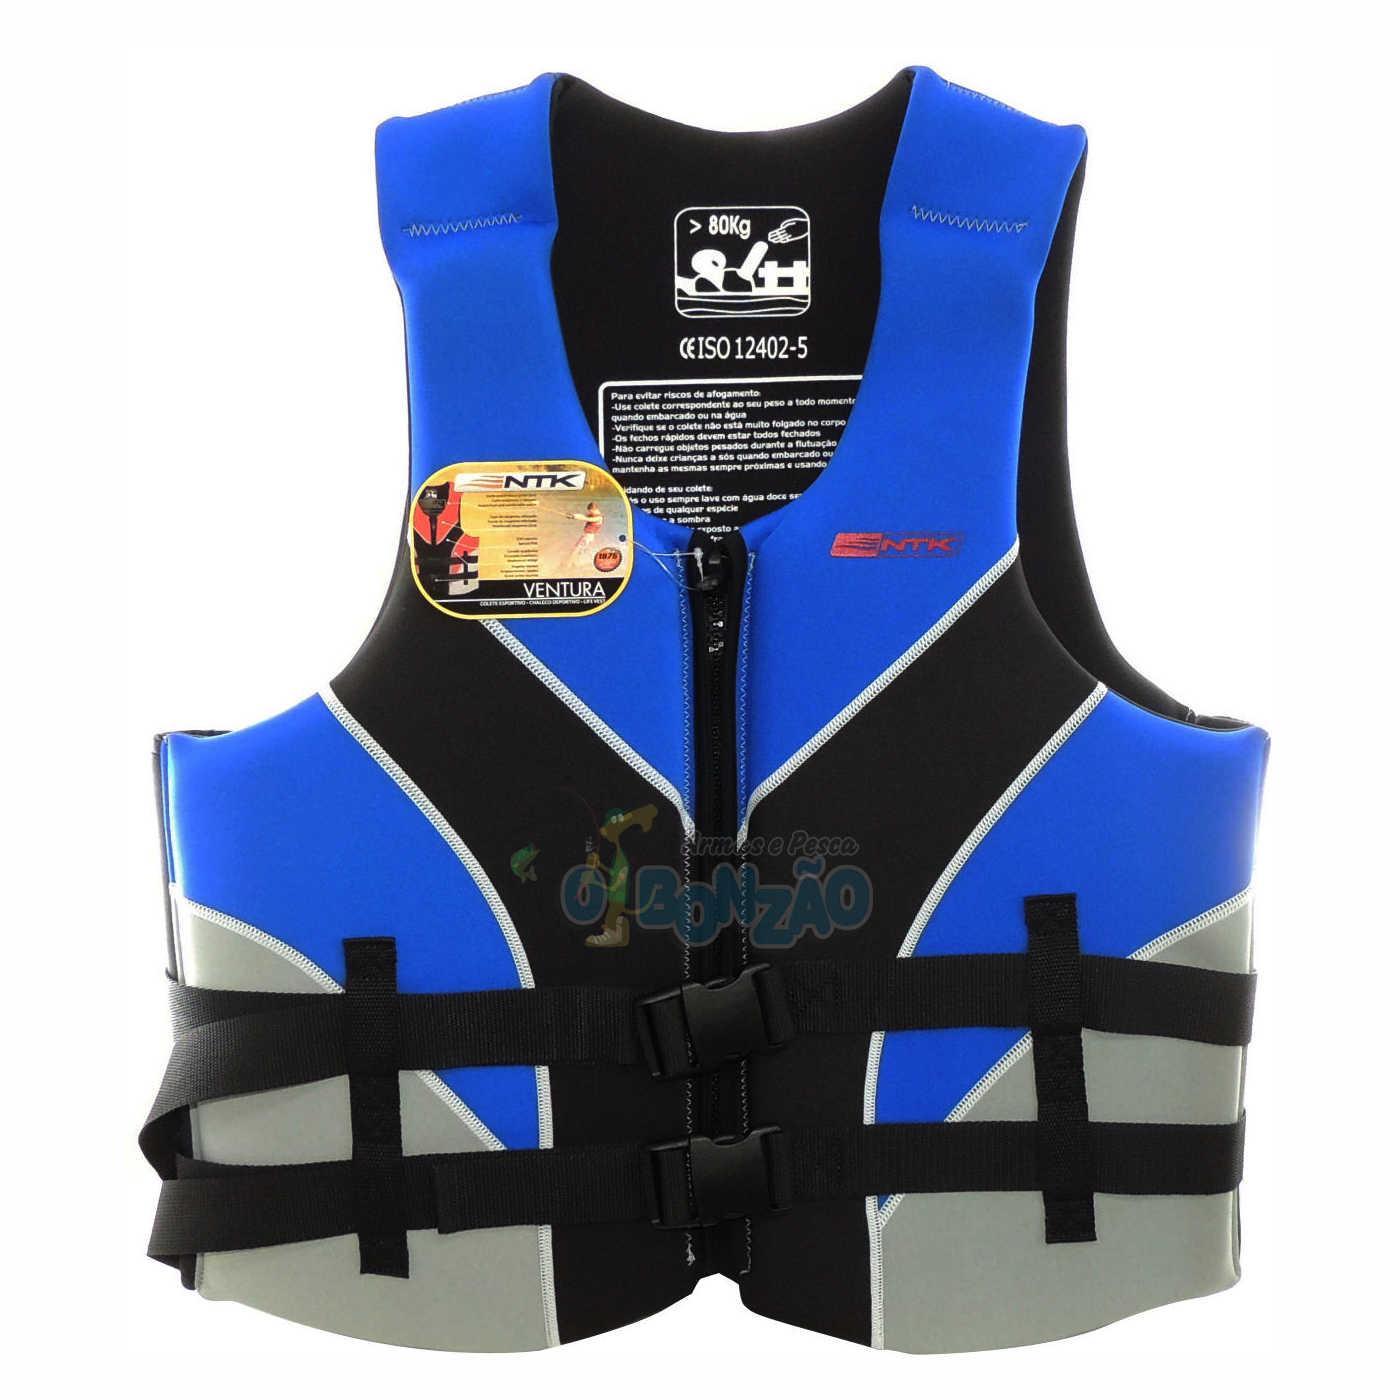 Colete Salva Vidas Ntk Ventura XXL 80-100kg - Azul